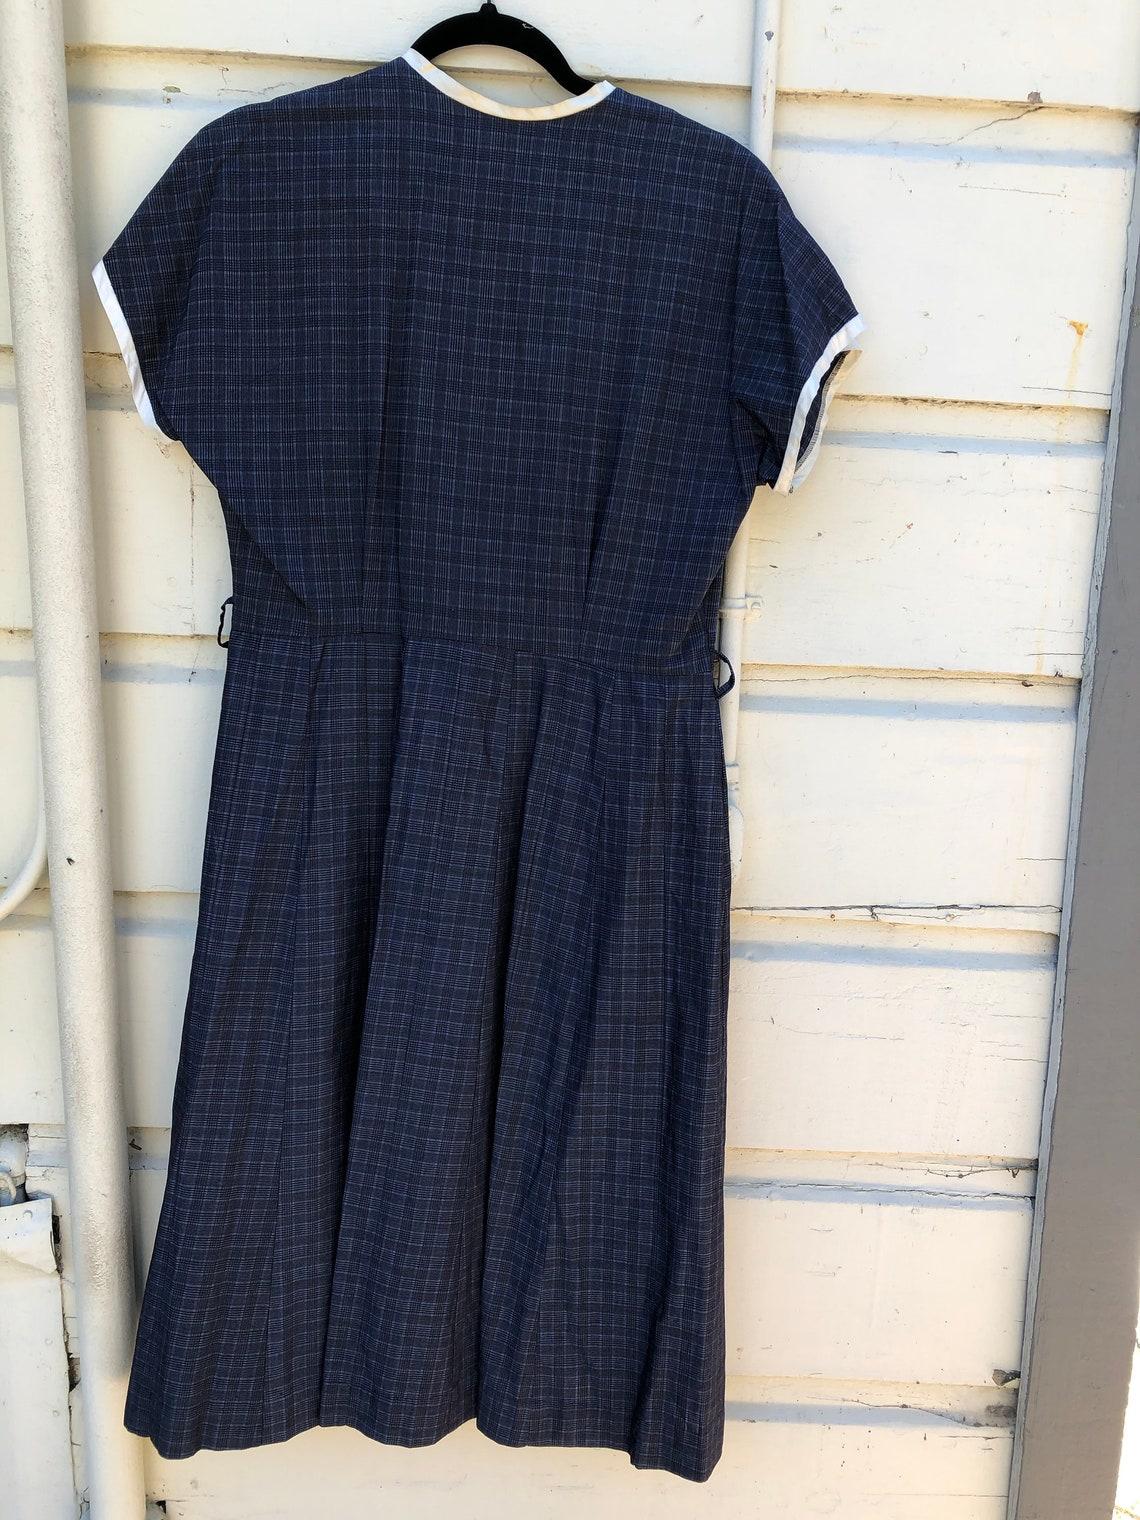 Vintage ladies dress